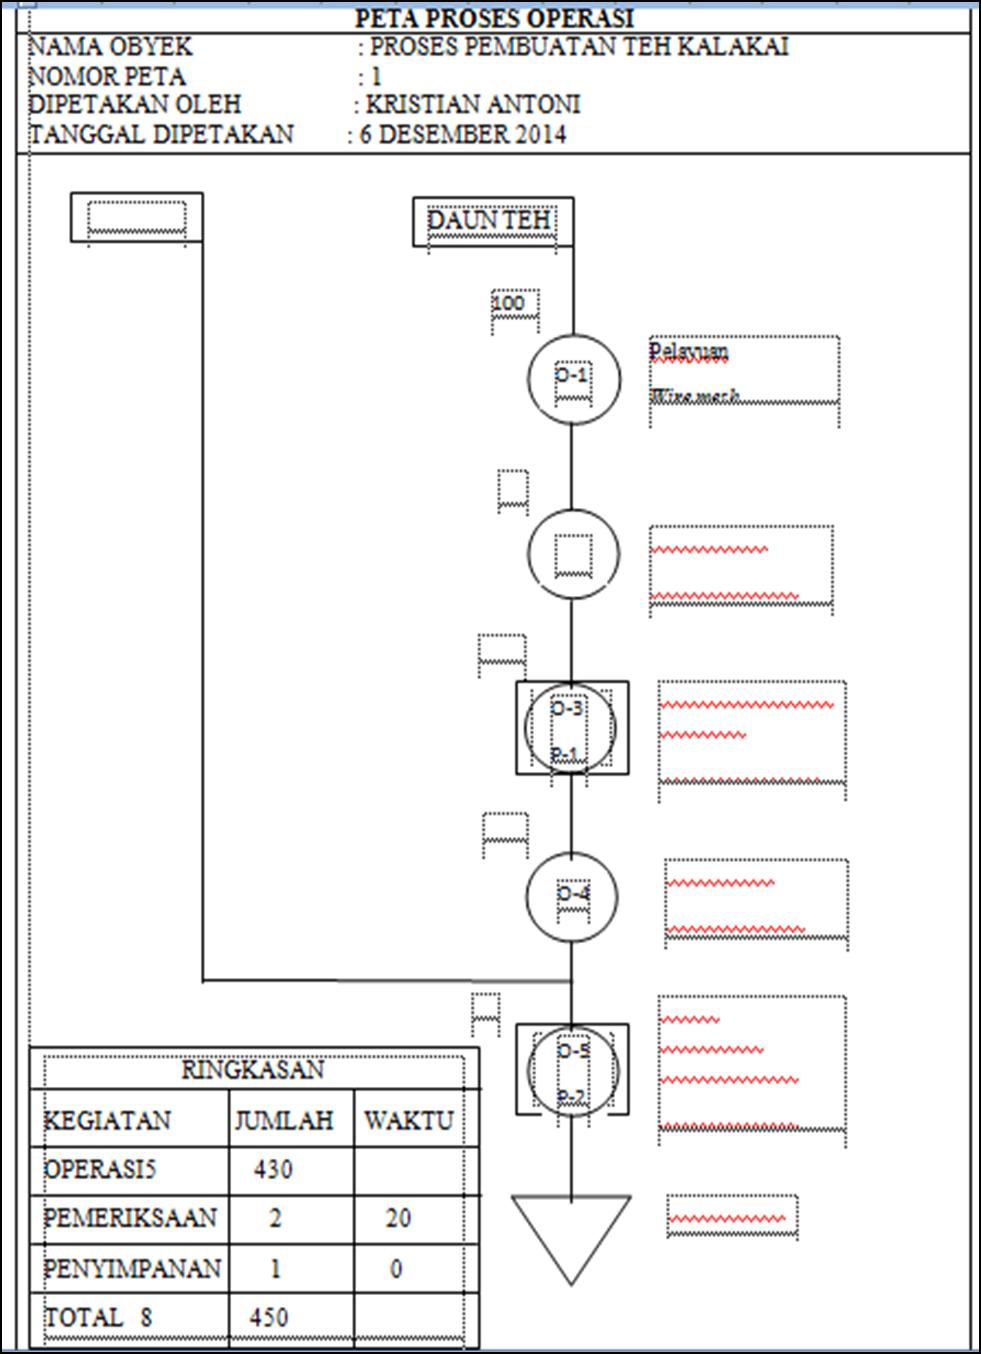 Tugas perencanaan proyek industri tip faperta unlam tugas gambar kedua diatas merupakan gambar peta aliran proses dan peta proses oprasi dari perencanaan proyek industri teh kelakai ccuart Image collections